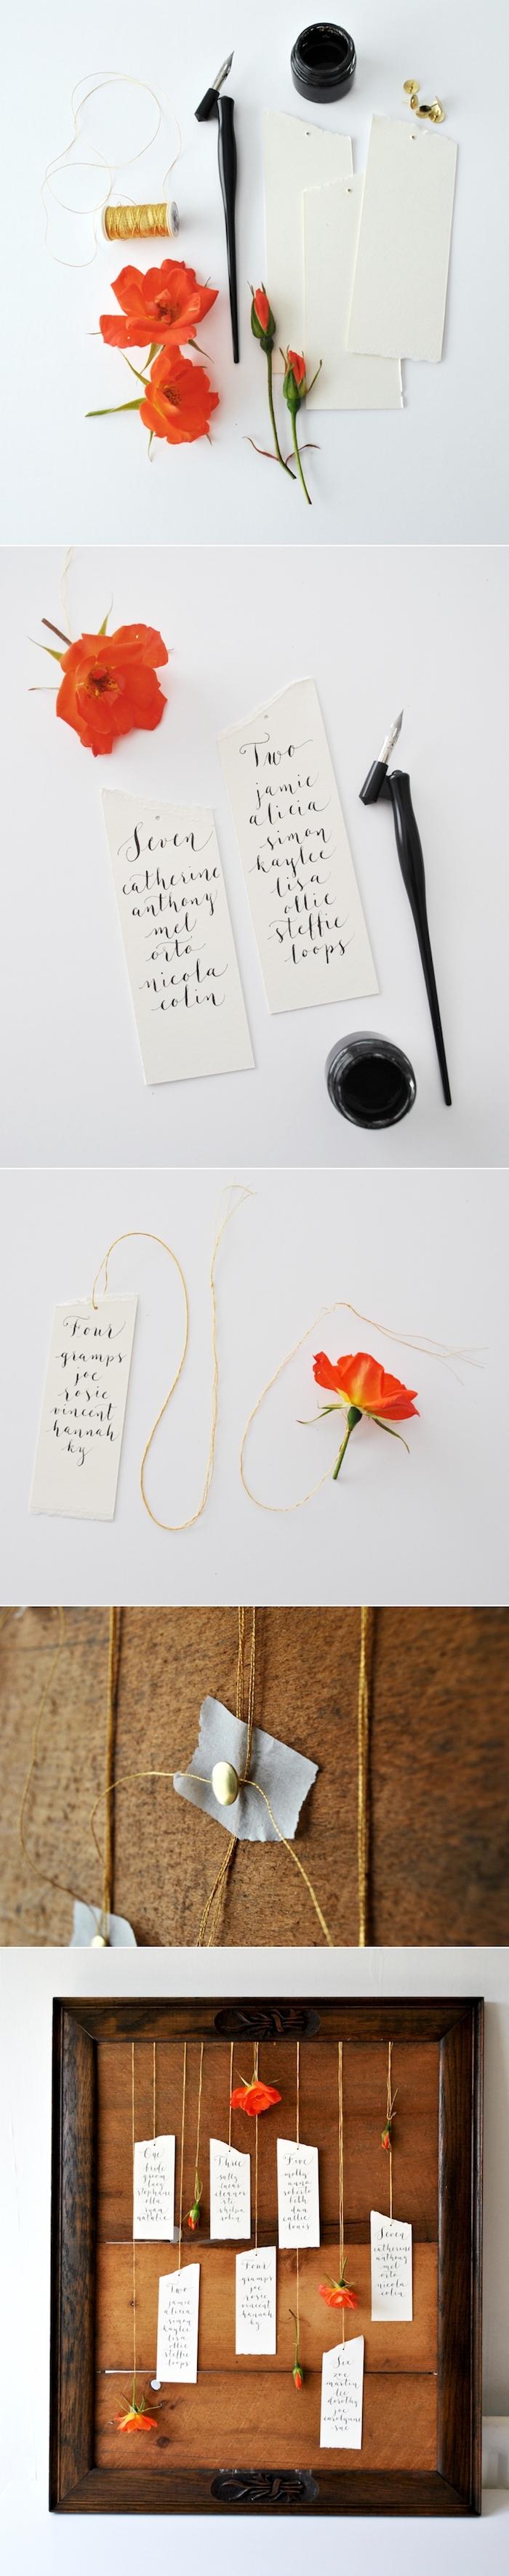 diy mariage, tutoriel pour fabriquer un plan de table original dans un cadre en bois avec étiquettes blanches et fleur rouge pour décoration